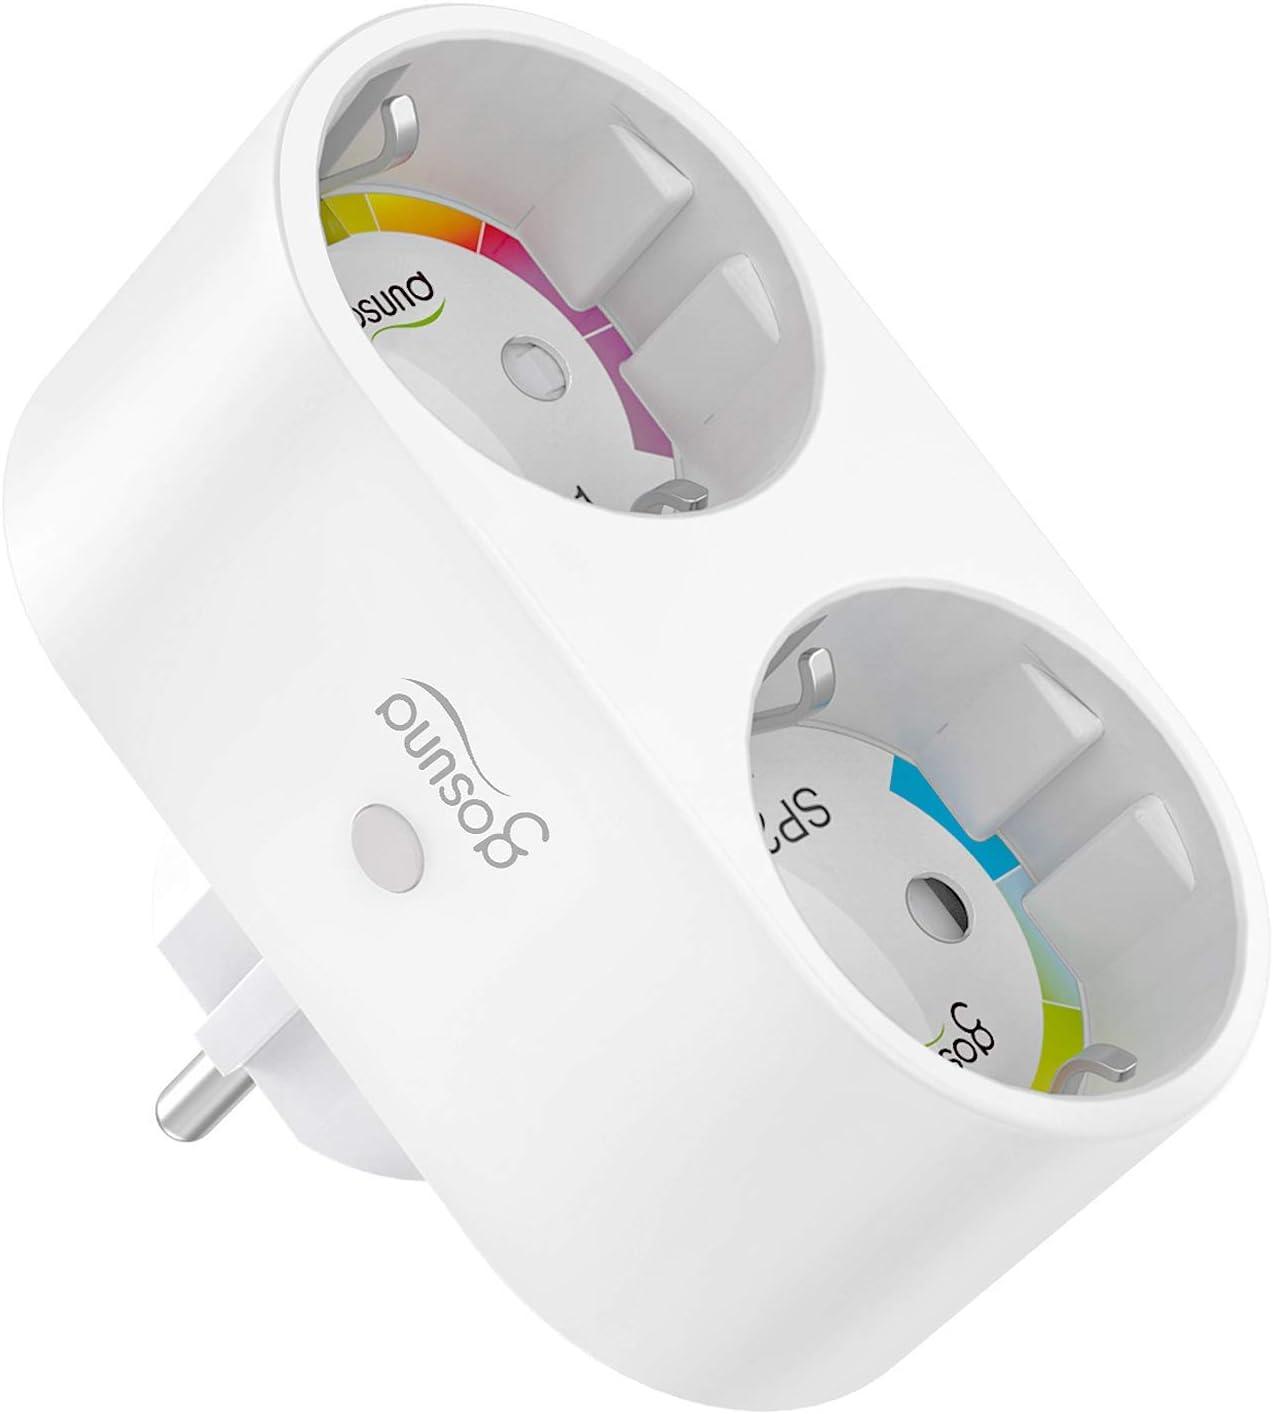 Enchufe Inteligente Wifi con 2 Toma Controlar Individual, Gosund Diseño 2-1 Smart Plug, Compatible con Alexa/Google Home, Monitor de Energía, Control Remoto, Temporizador, Enchufe Doble con Botón